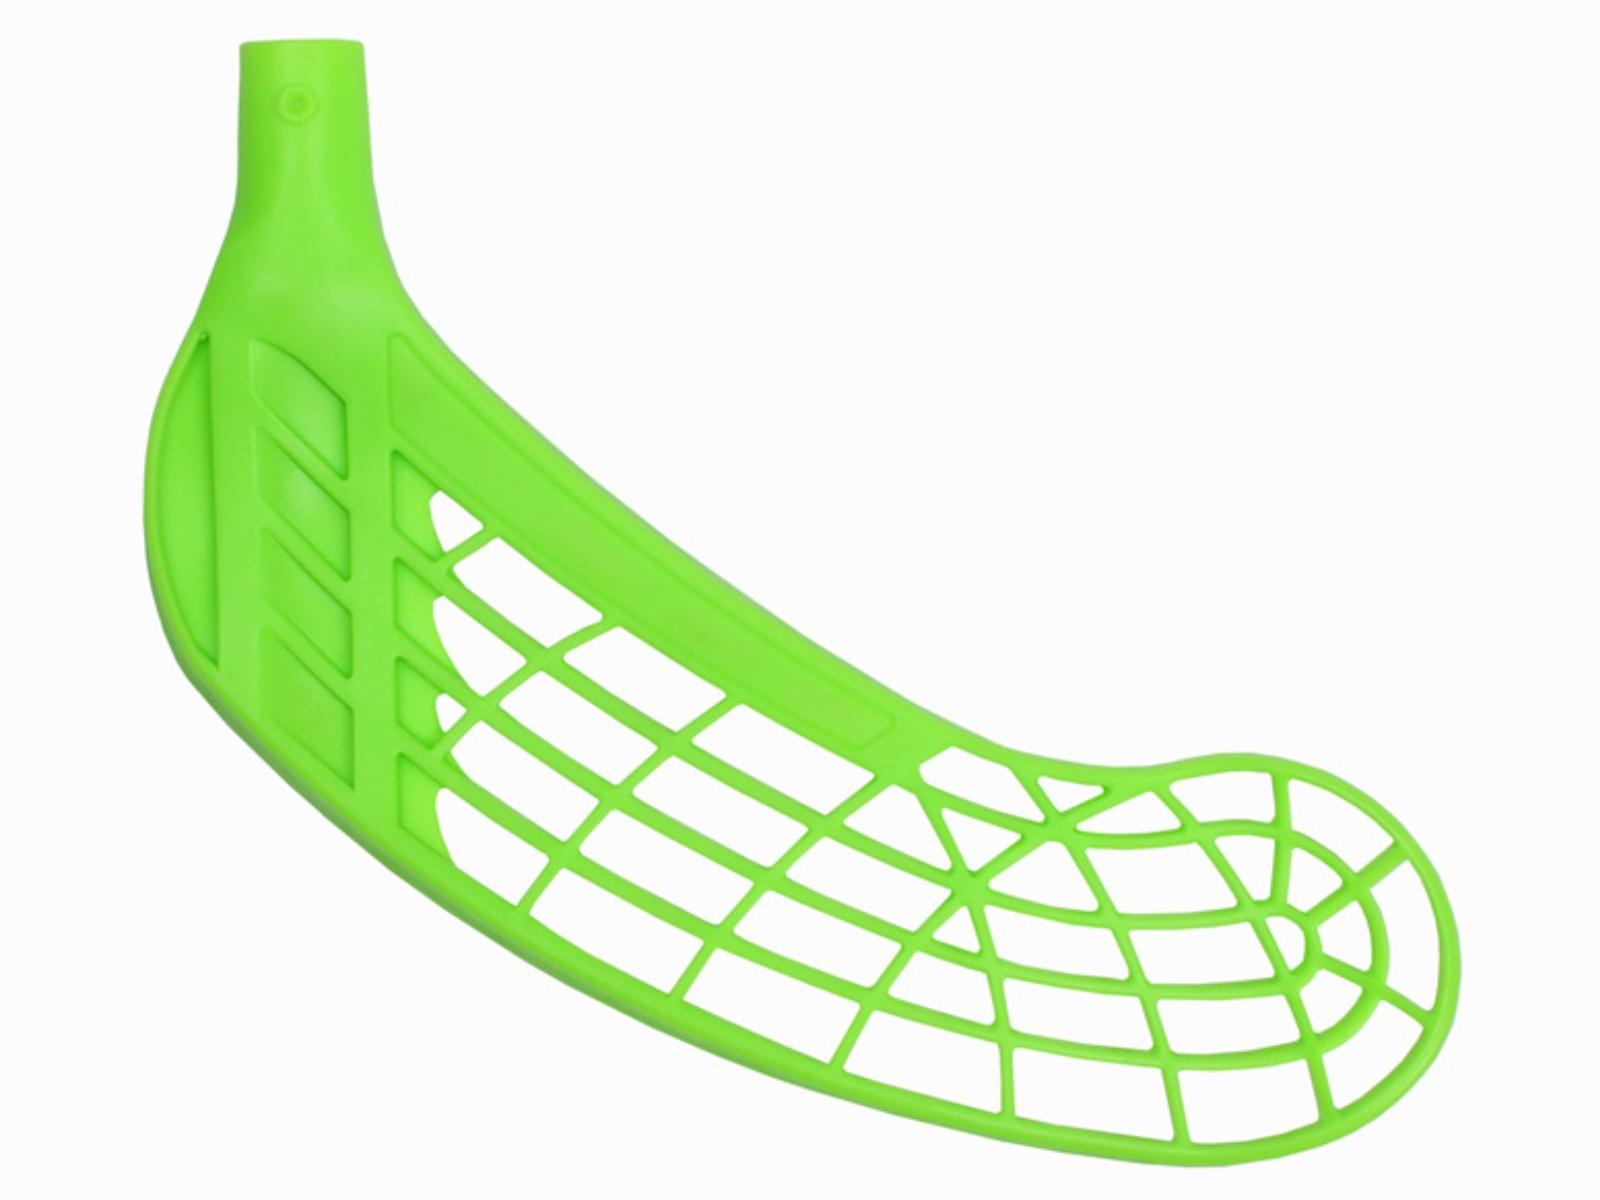 Florbalová čepeľ MERCO Blaster ľavá - zelená